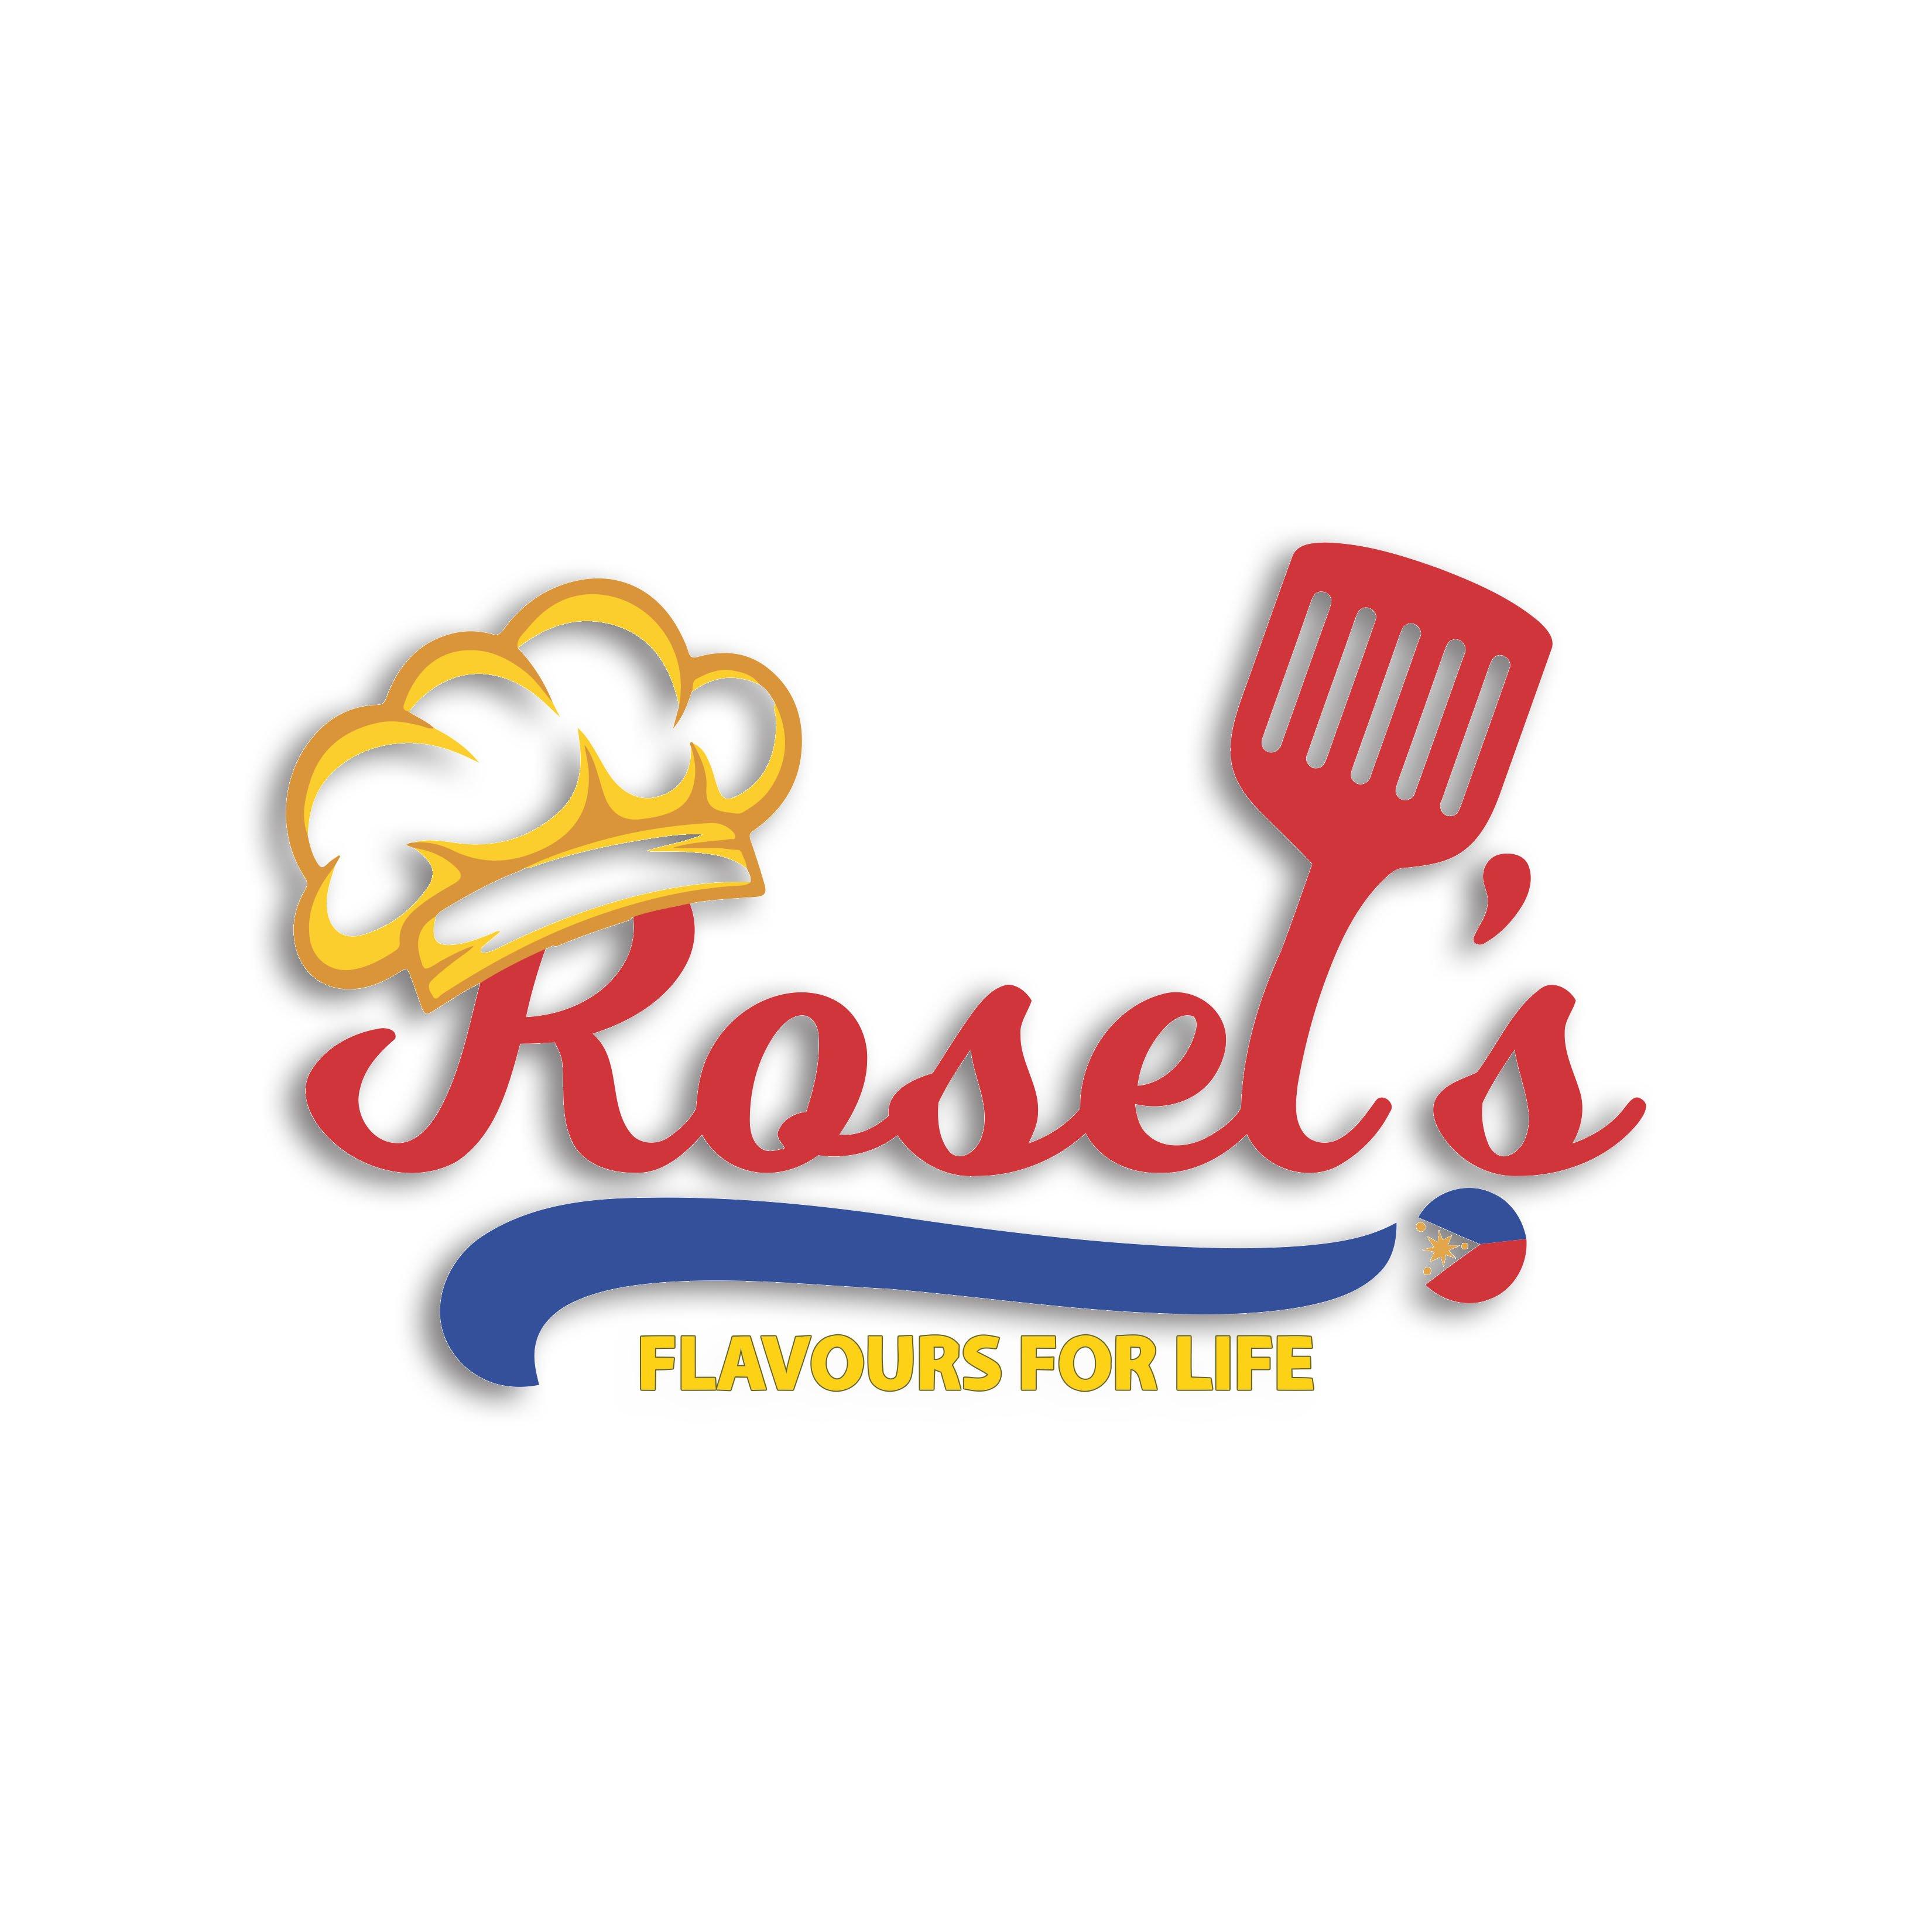 Rosel's